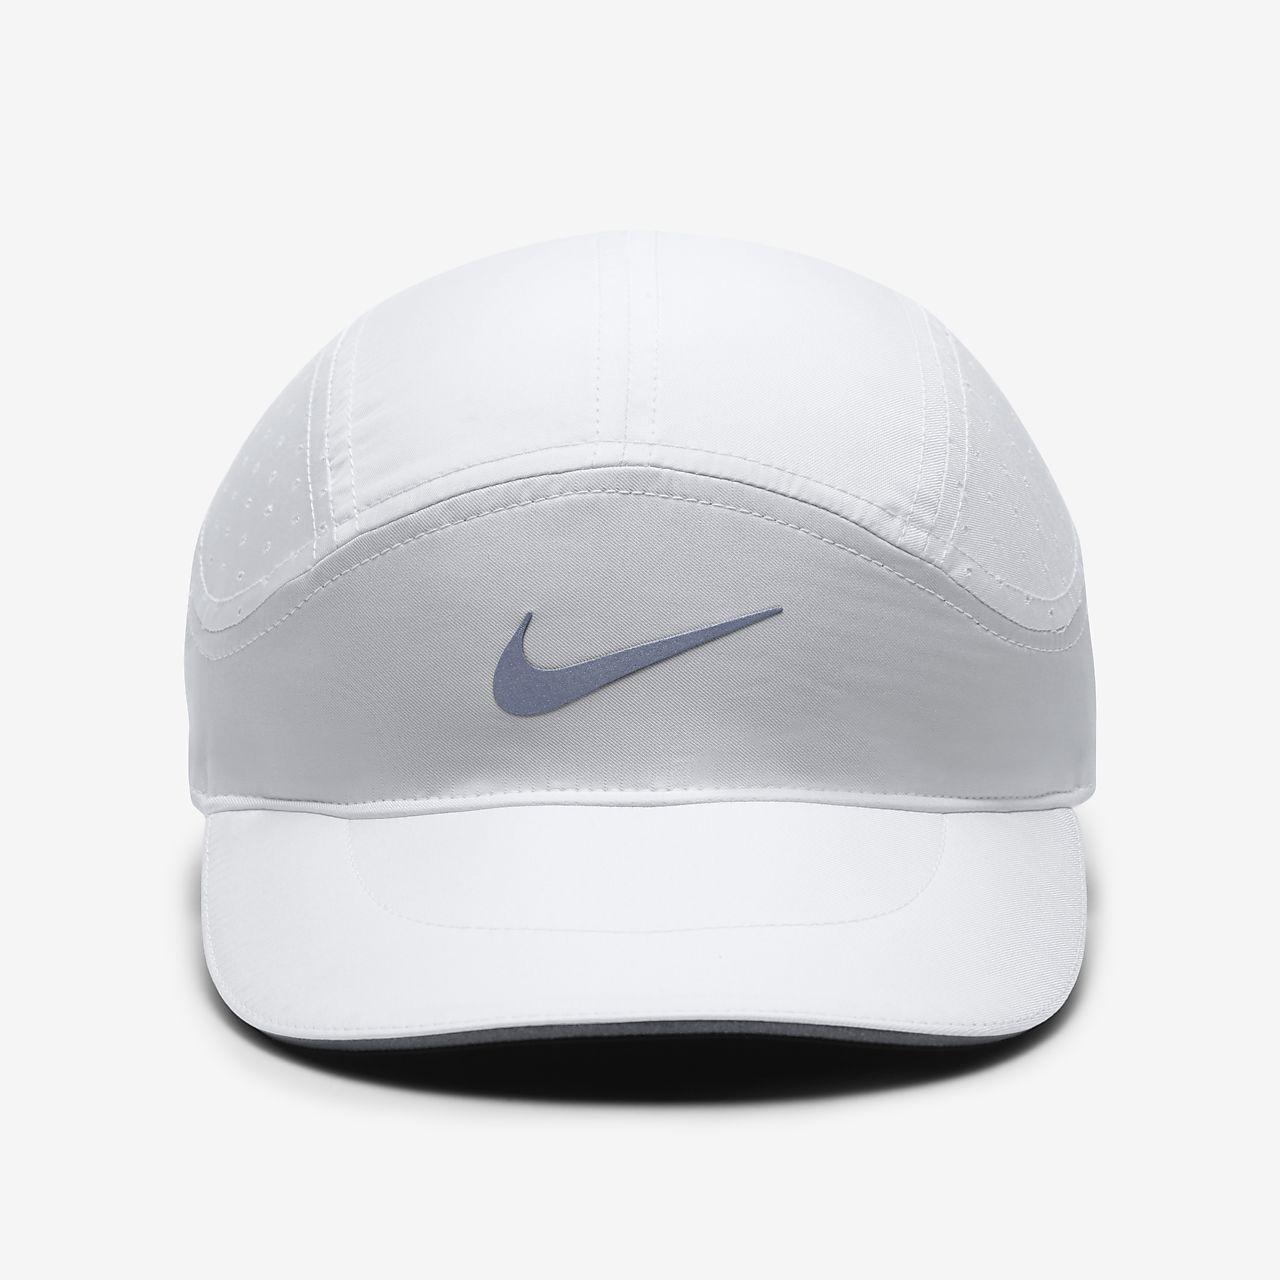 Καπέλο για τρέξιμο Nike AeroBill